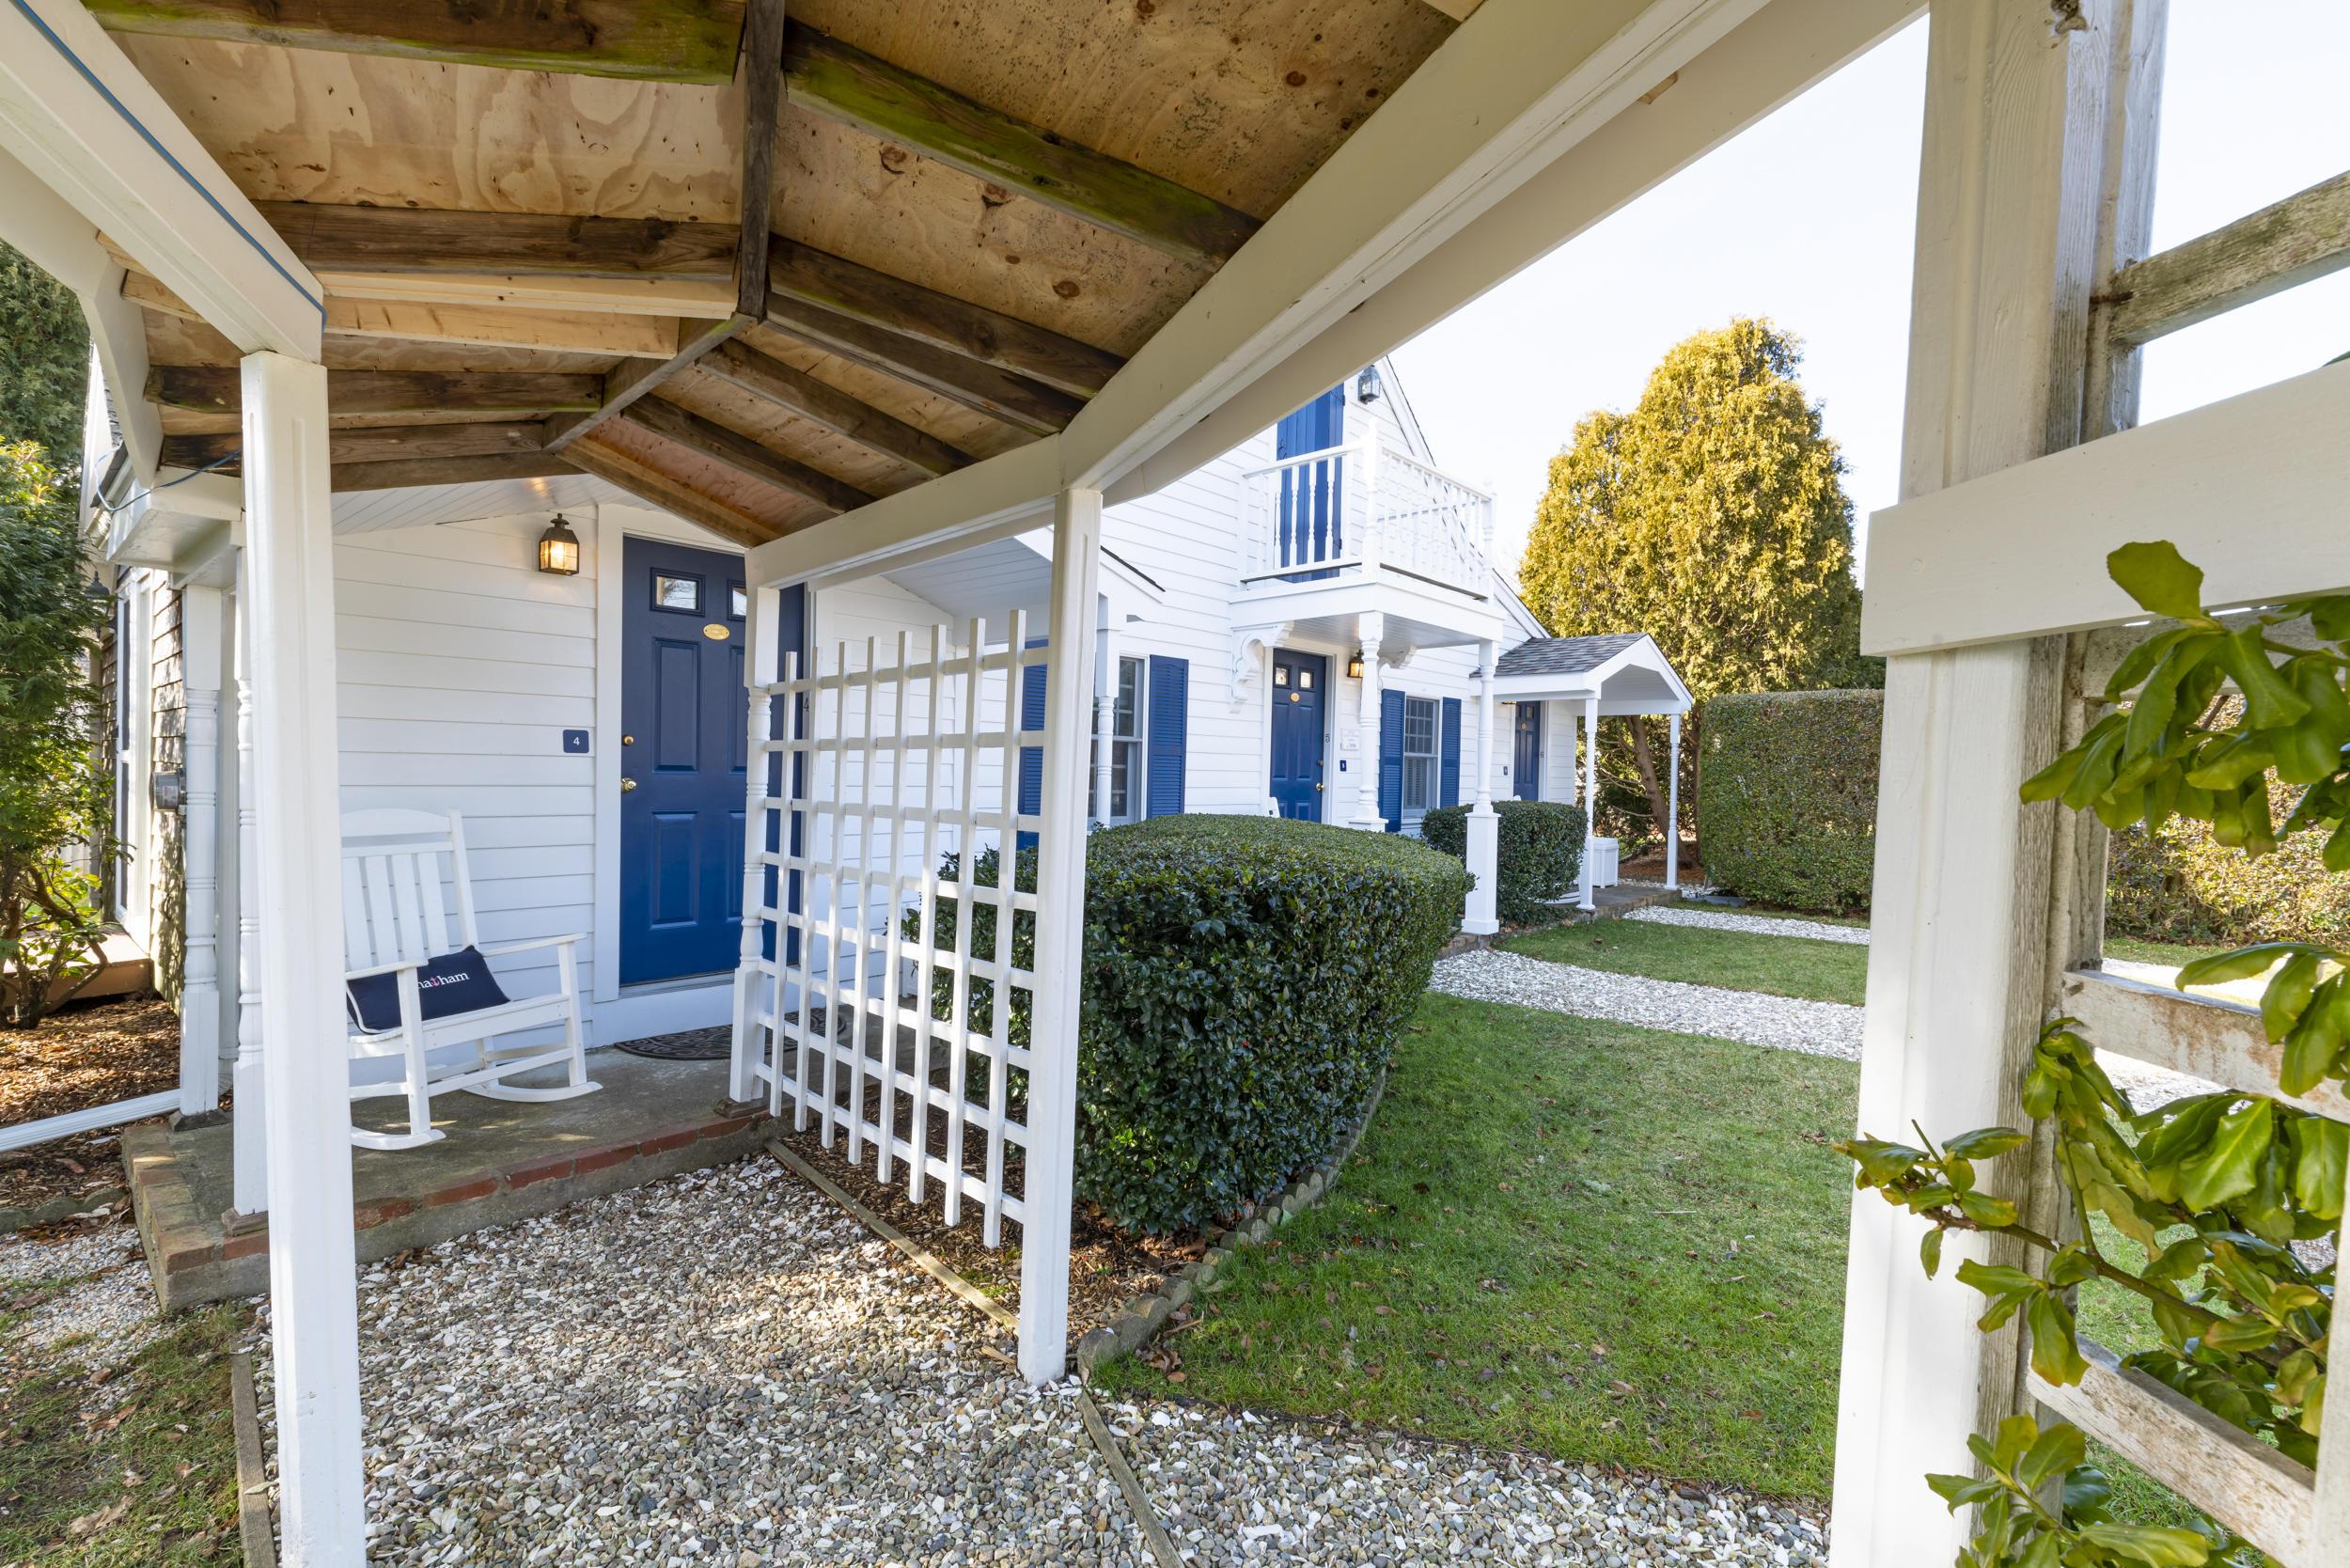 407 Old Harbor Road, Chatham, MA  02633 - slide 53